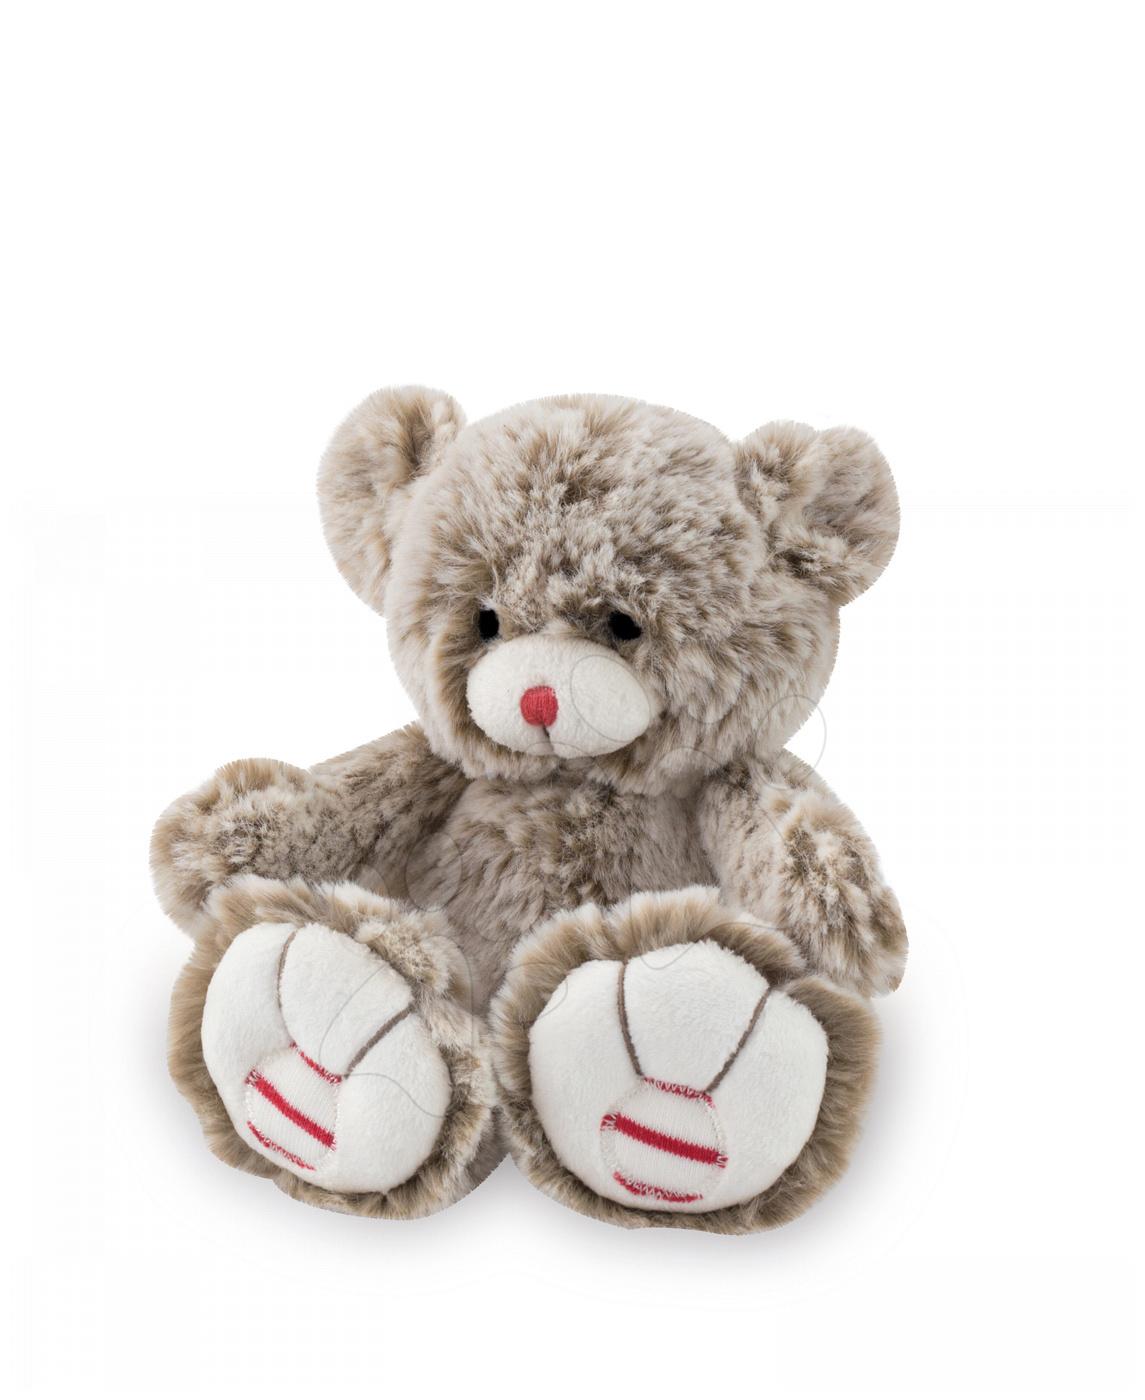 Plyšové medvede - Plyšový medveď Rouge Kaloo 19 cm pre najmenších béžový